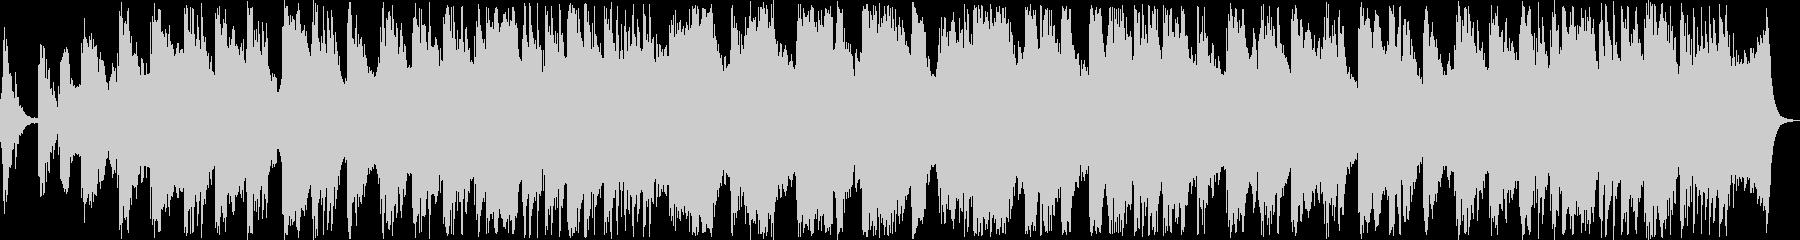 美しいピアノサウンドの未再生の波形